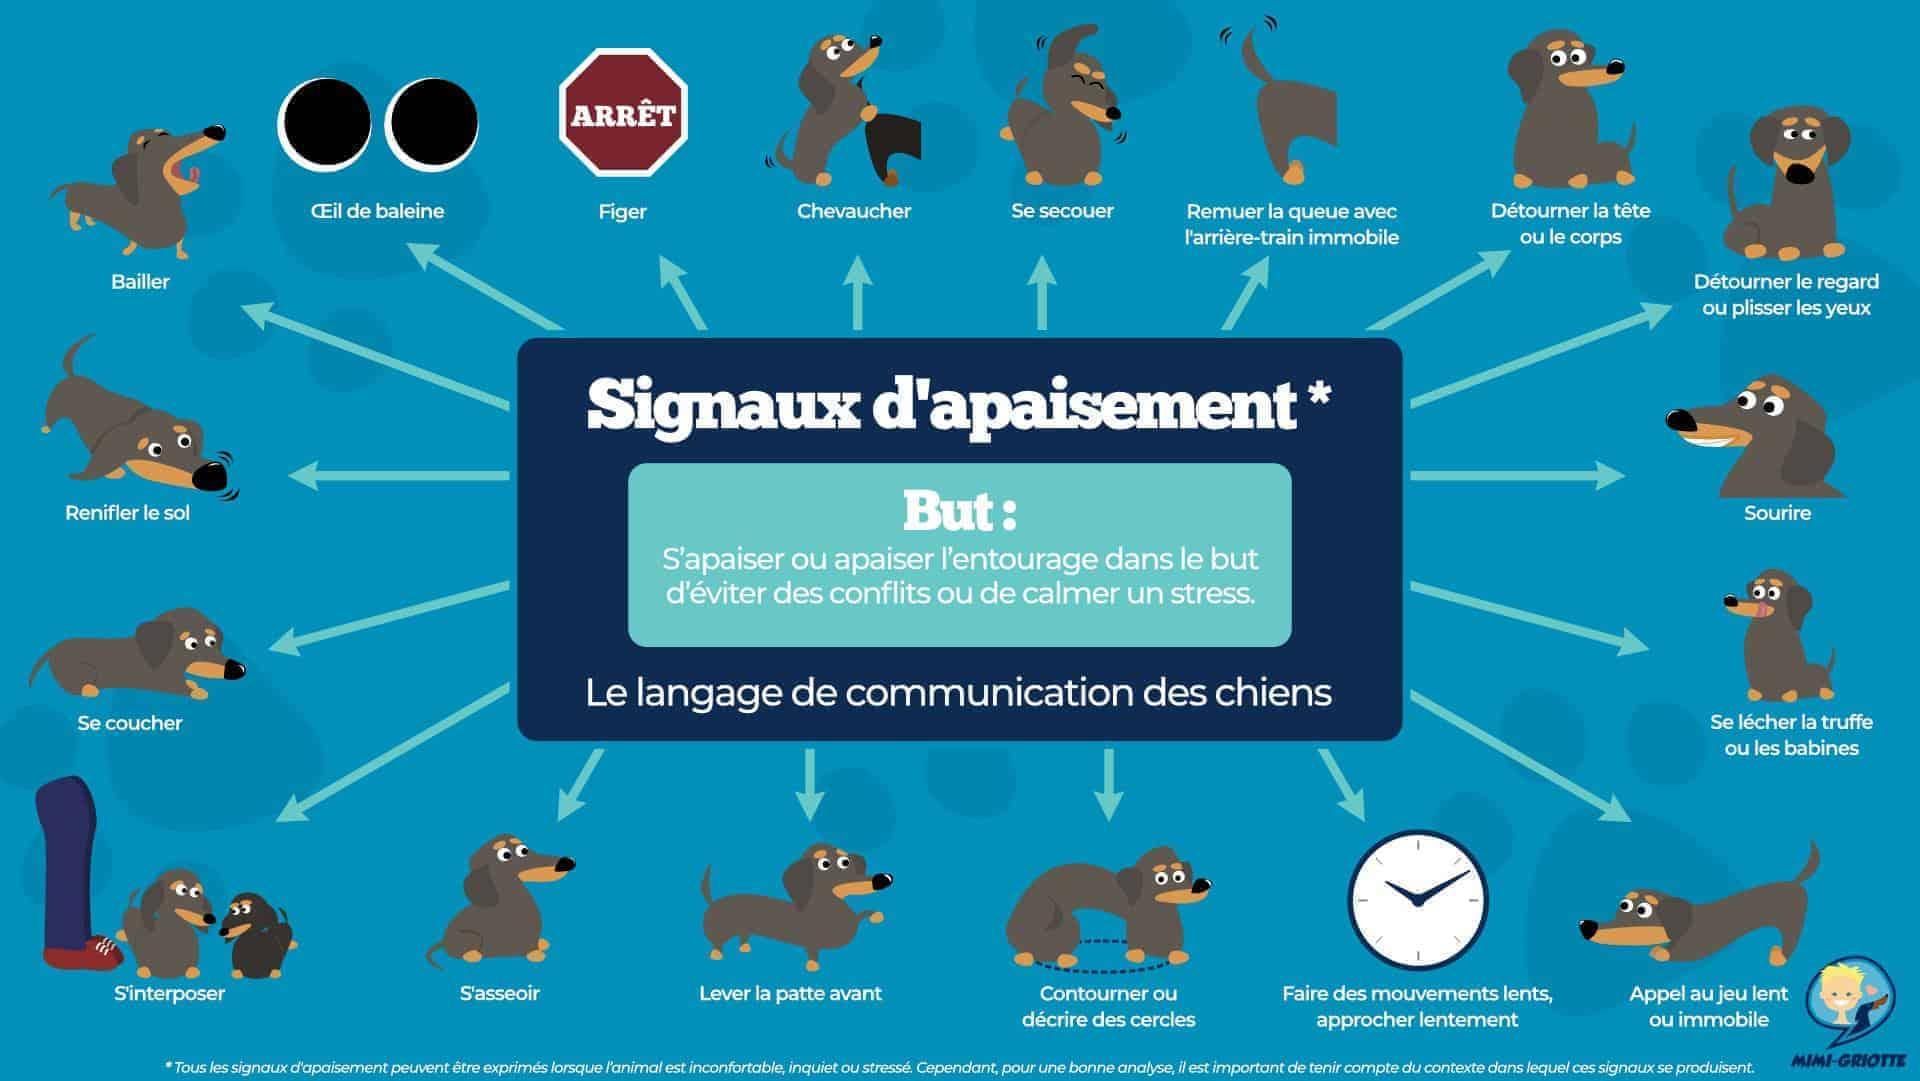 Infographie sur les signaux d'apaisement des chiens